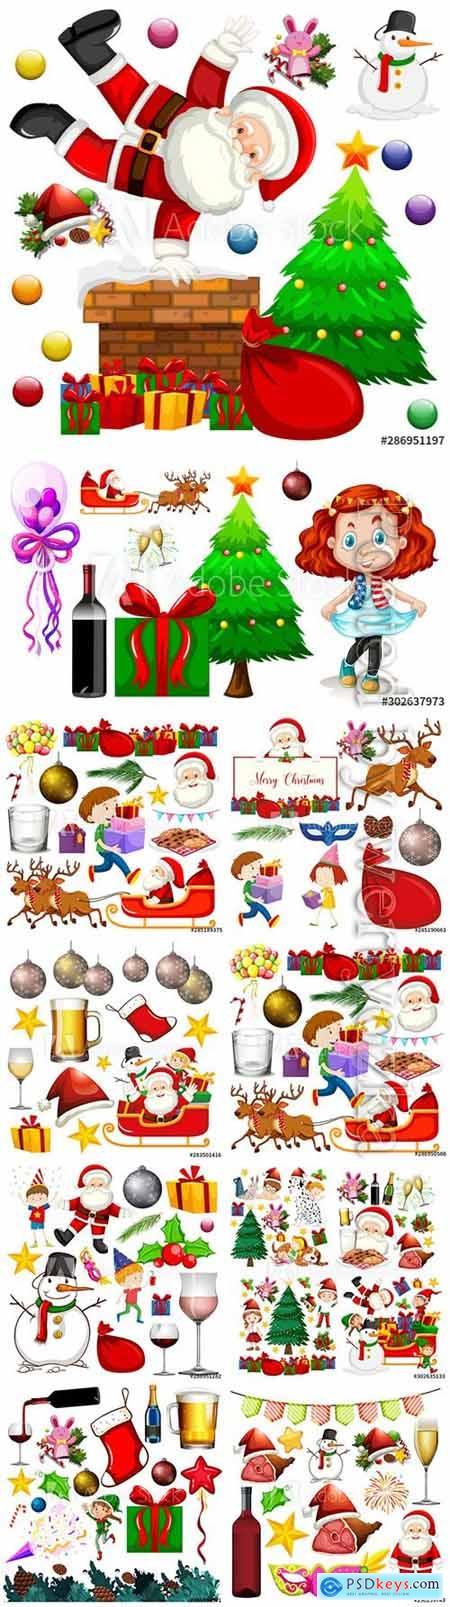 Christmas set of isolated on white background